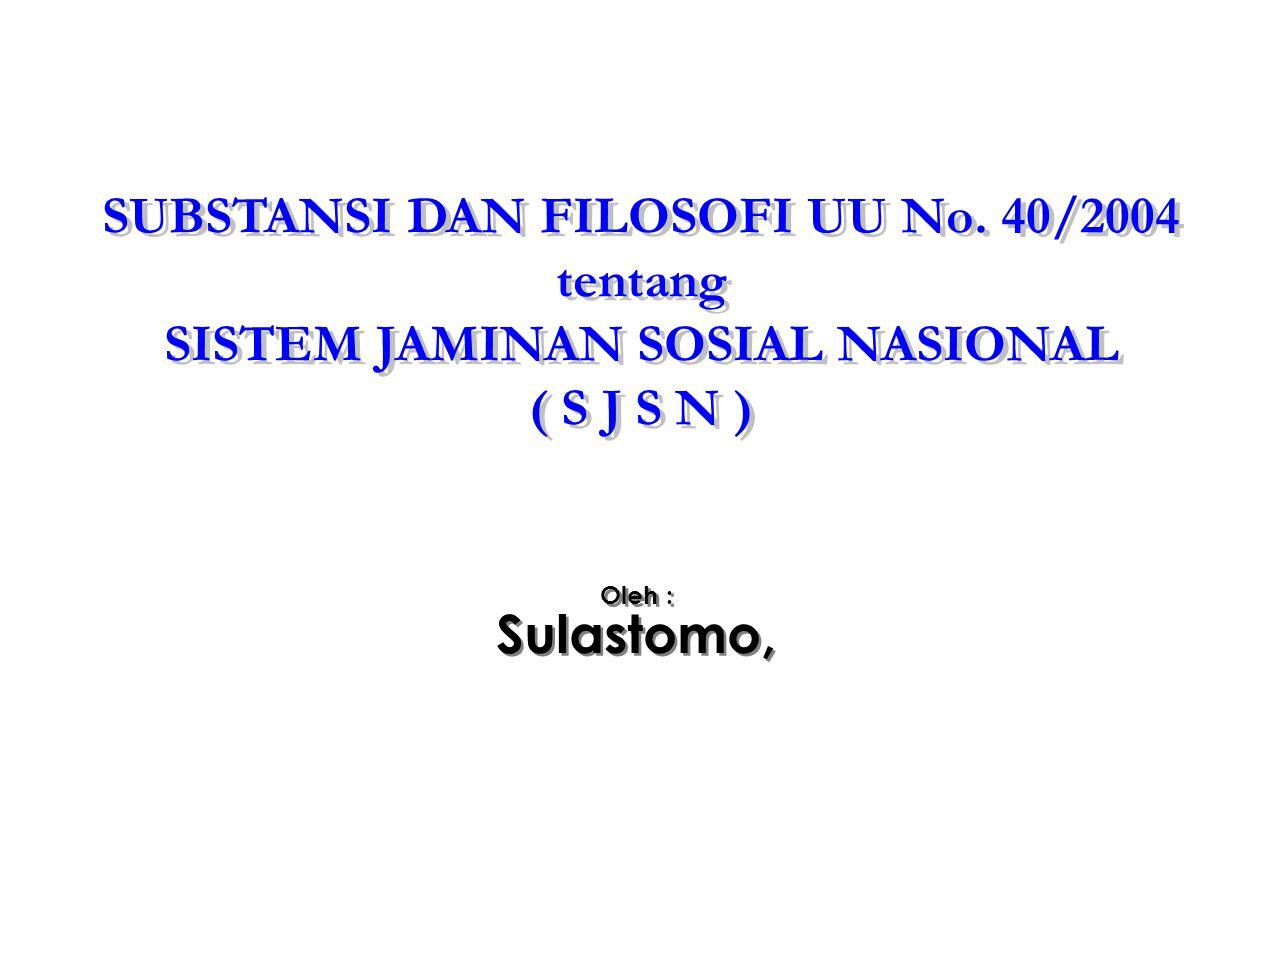 SUBSTANSI DAN FILOSOFI UU No. 40/2004 tentang SISTEM JAMINAN SOSIAL NASIONAL ( S J S N ) SUBSTANSI DAN FILOSOFI UU No. 40/2004 tentang SISTEM JAMINAN